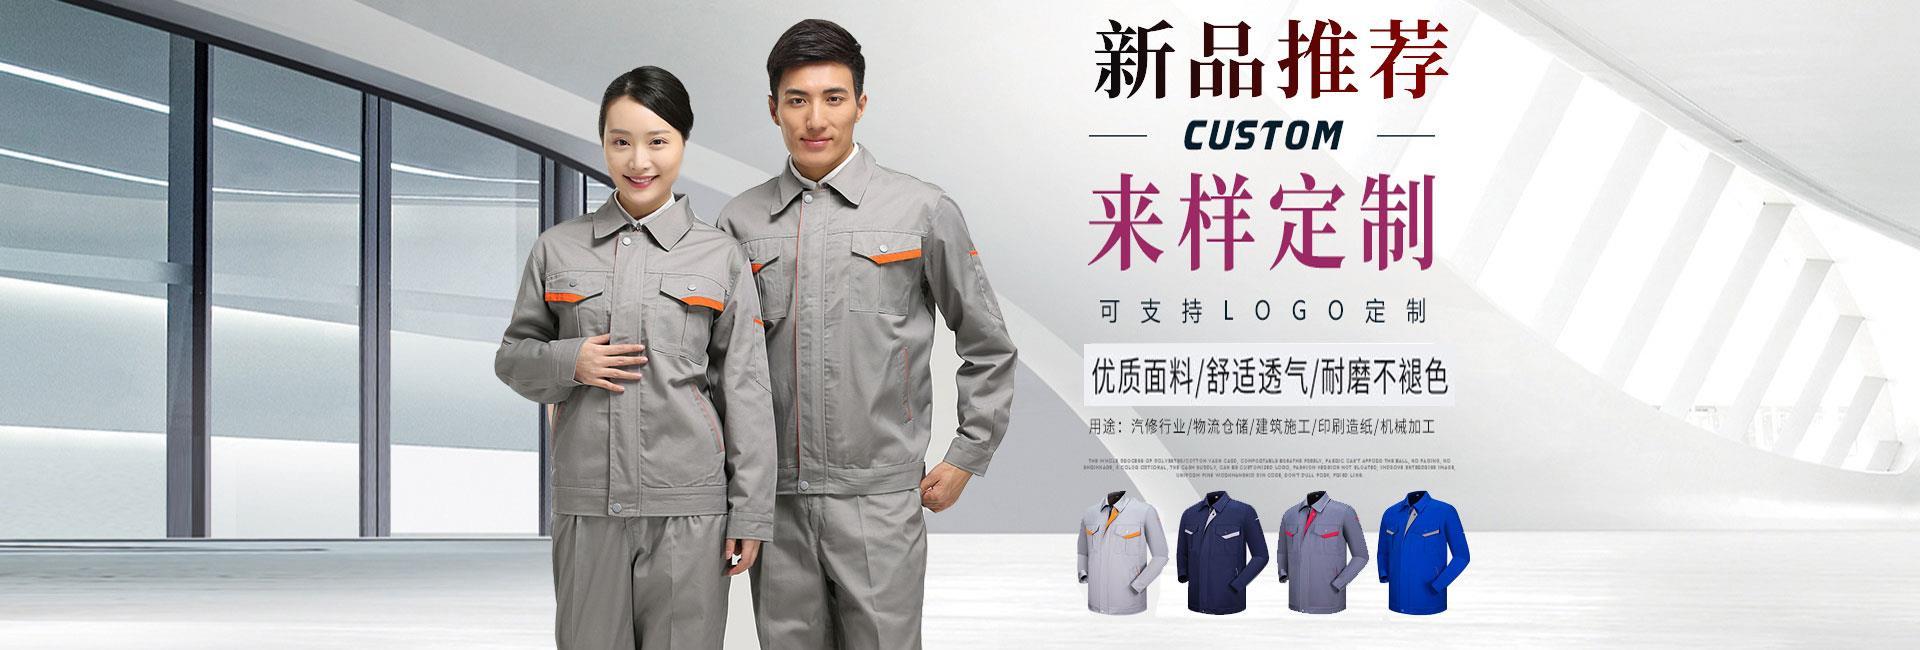 深圳工作服